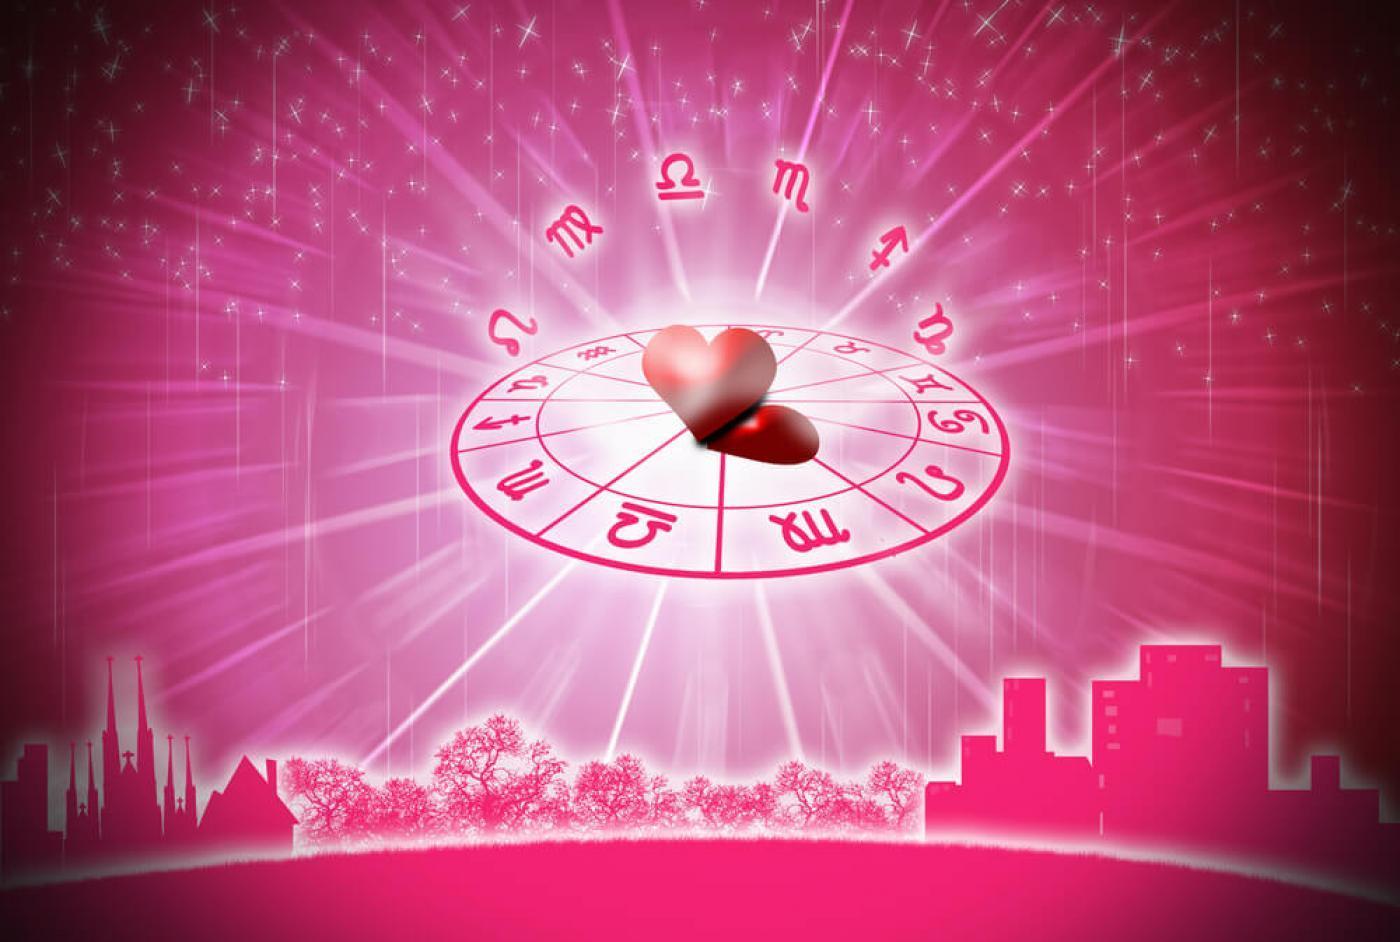 Februári szerelmi horoszkóp: Kinek jeleznek szerelmet a bolygók?